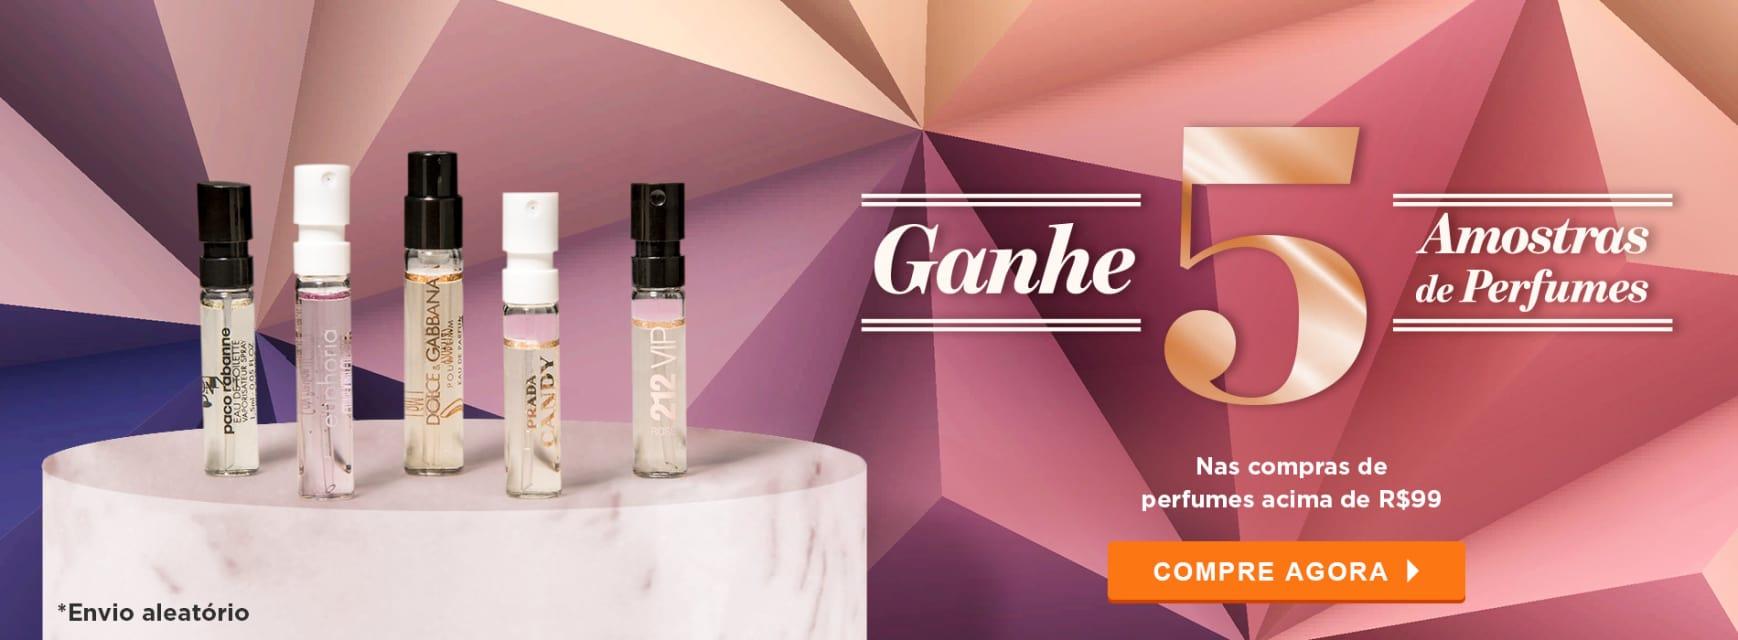 Perfumes: 5 Amostras em Perfumes JUNHO